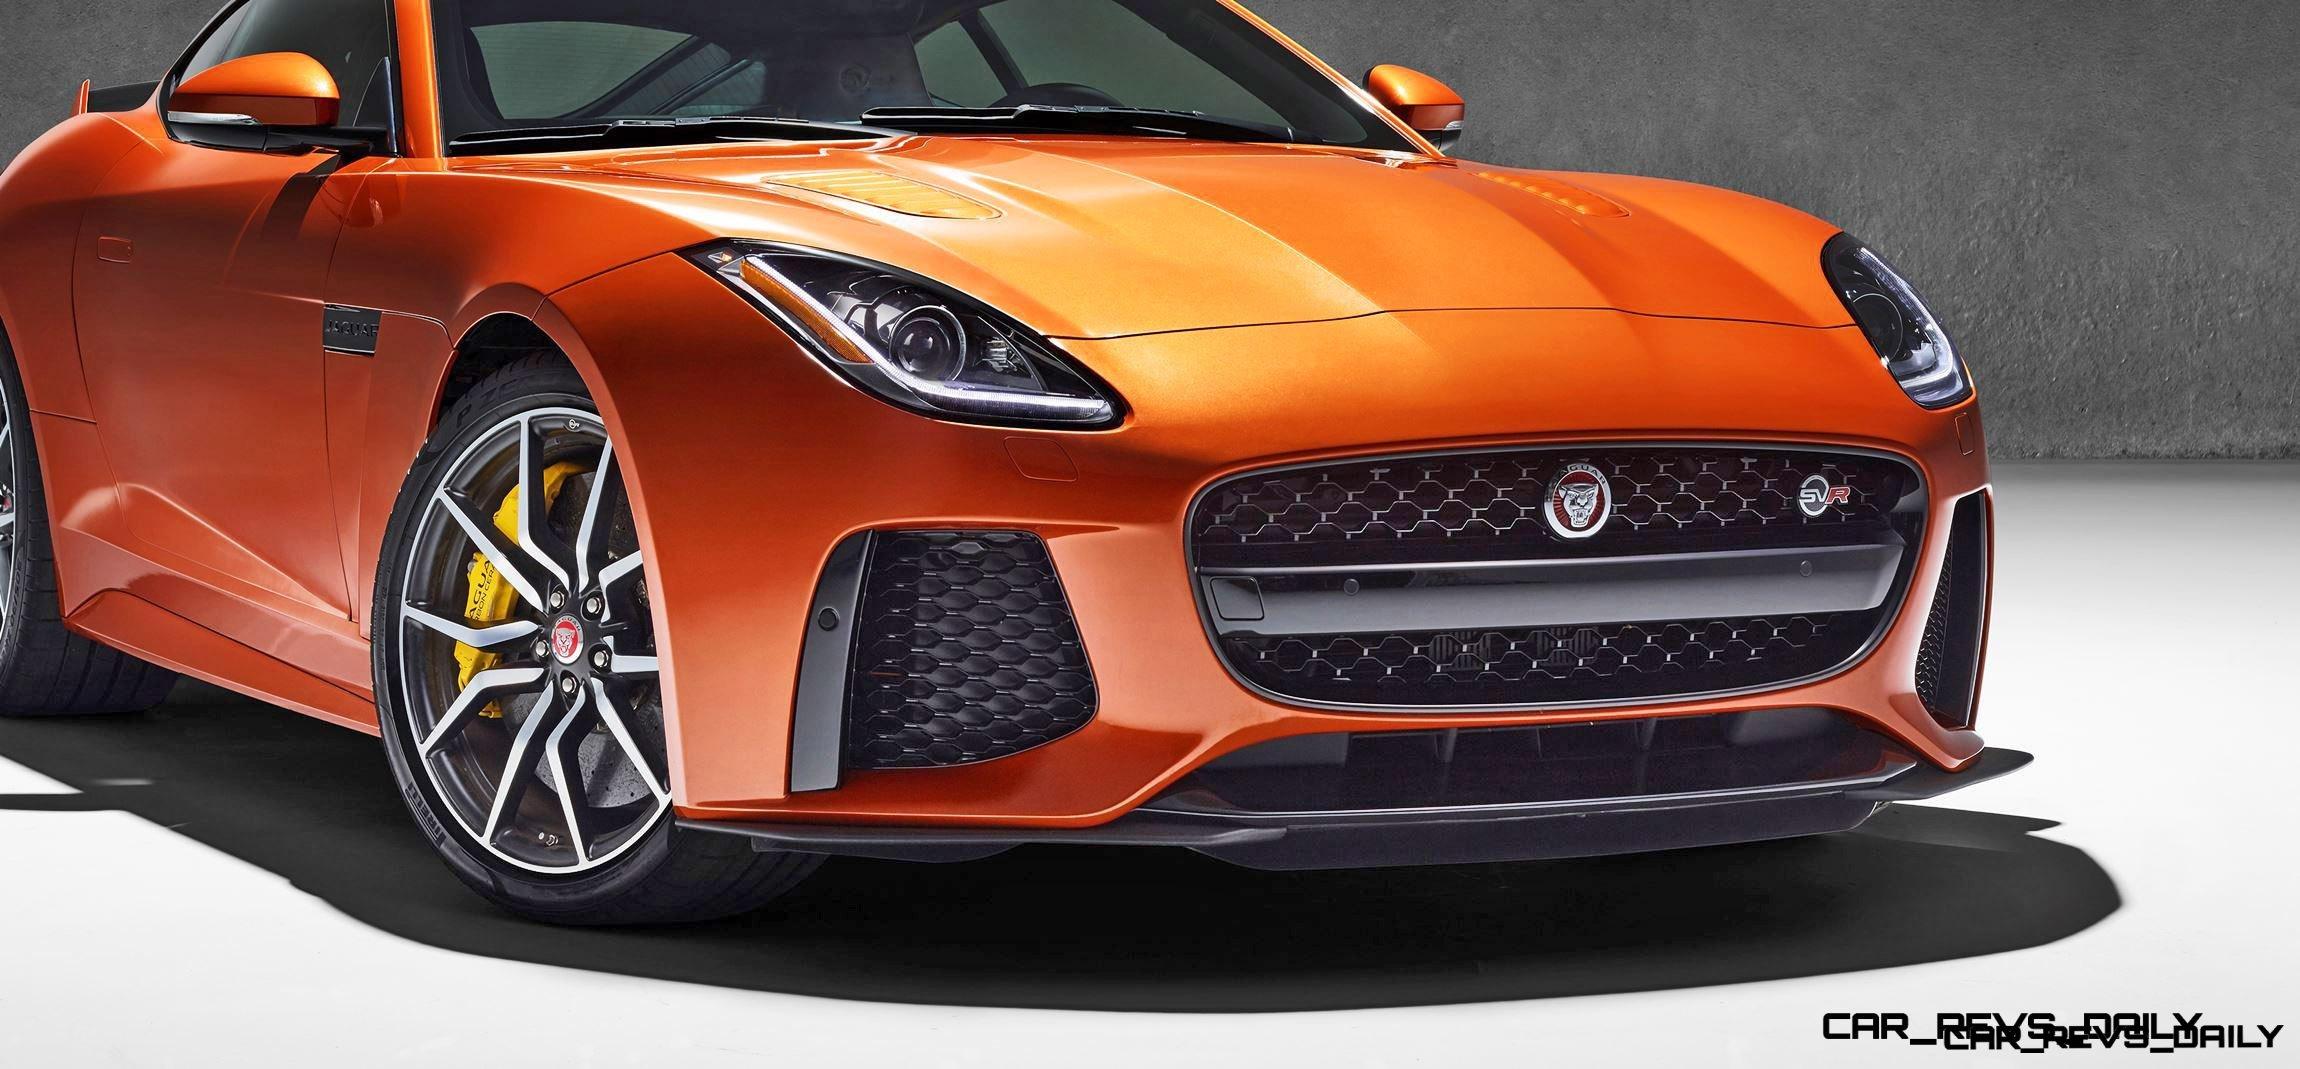 3 5s, 200MPH 2017 Jaguar F-TYPE SVR - 60 New Images, Tech Specs +